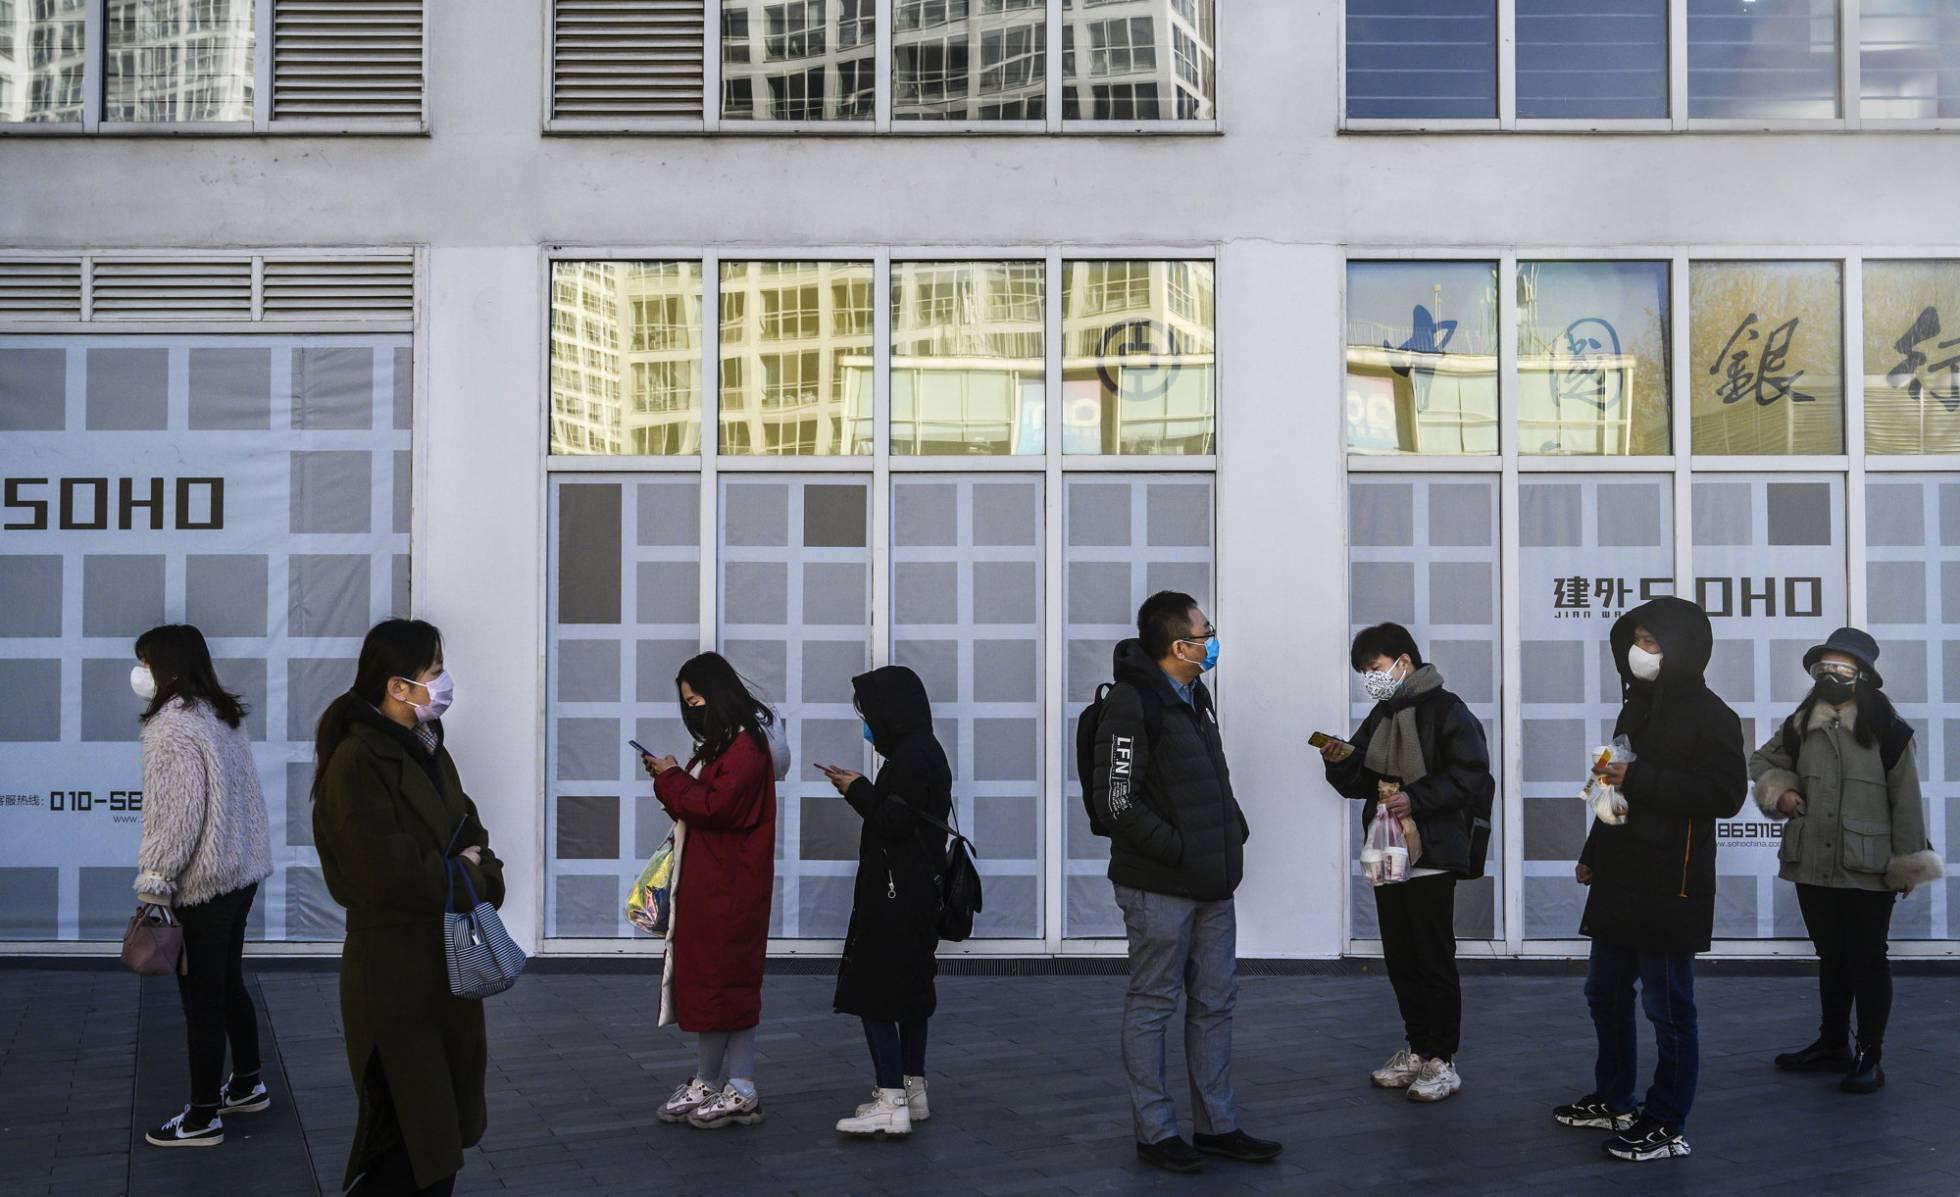 Rusia prohíbe la entrada de ciudadanos chinos a su territorio para frenar el coronavirus